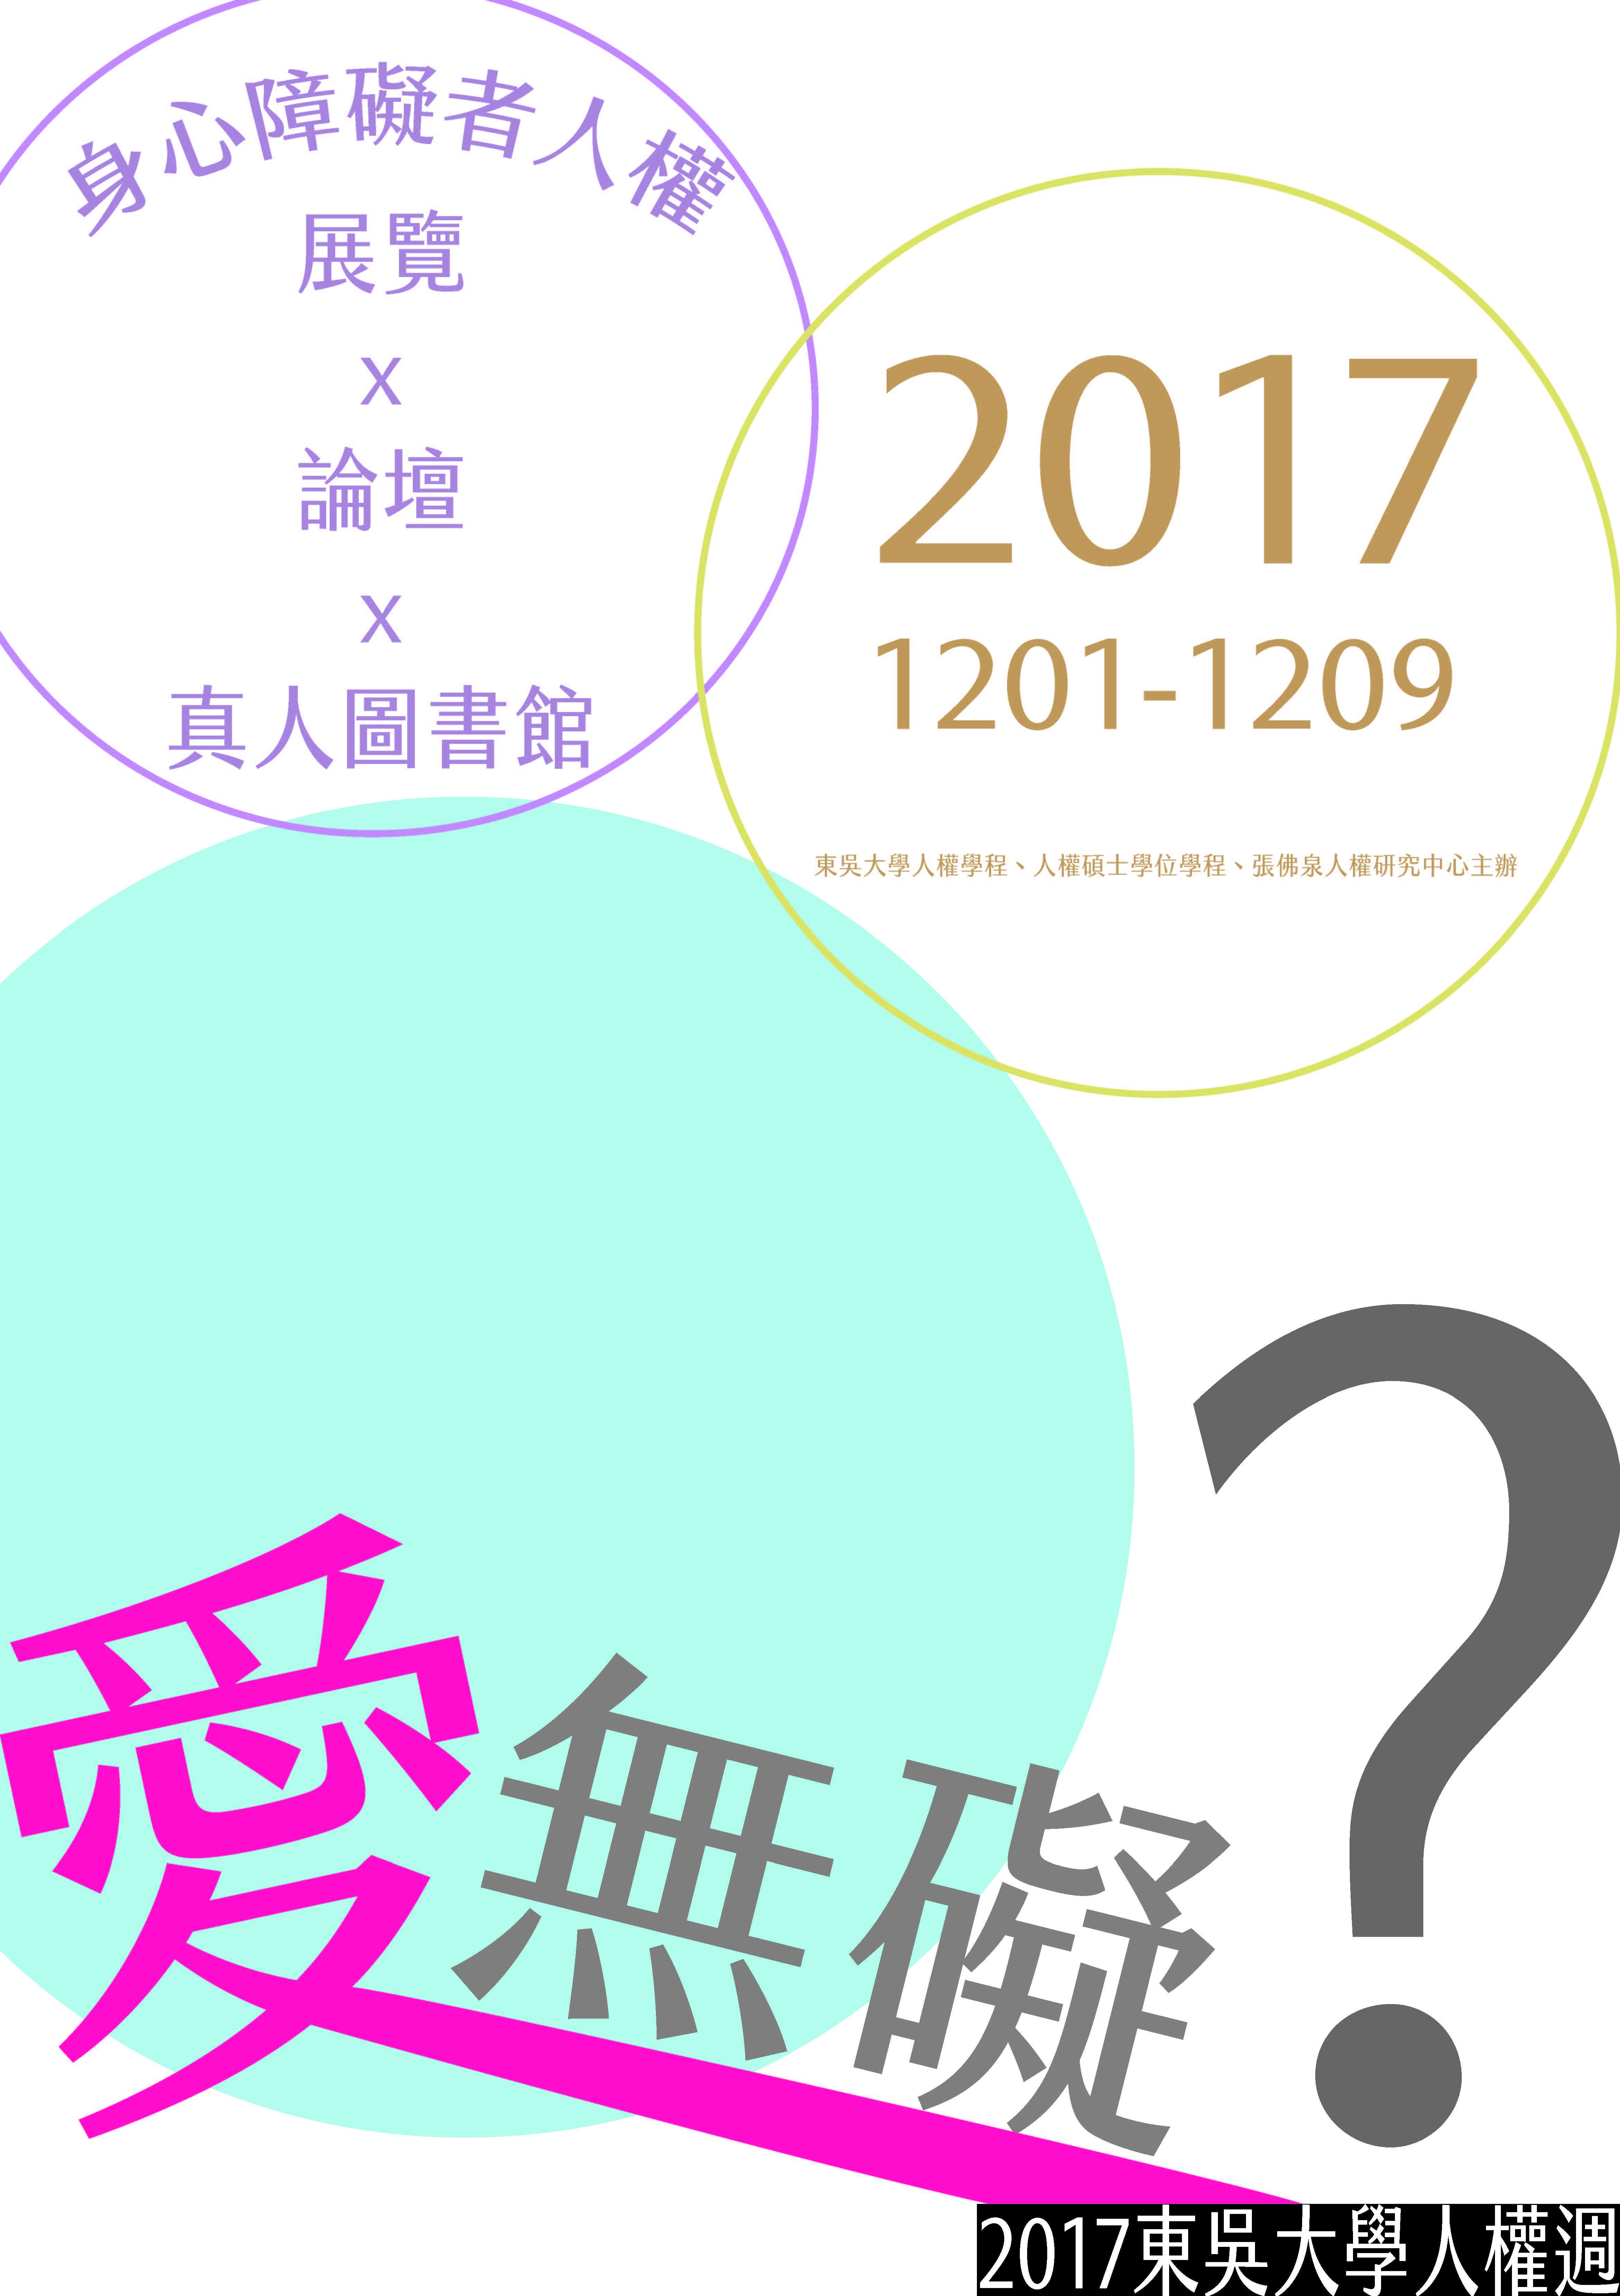 「2017東吳人權週:愛無礙」12/1正式開跑!歡迎報名參加真人圖書館與論壇!